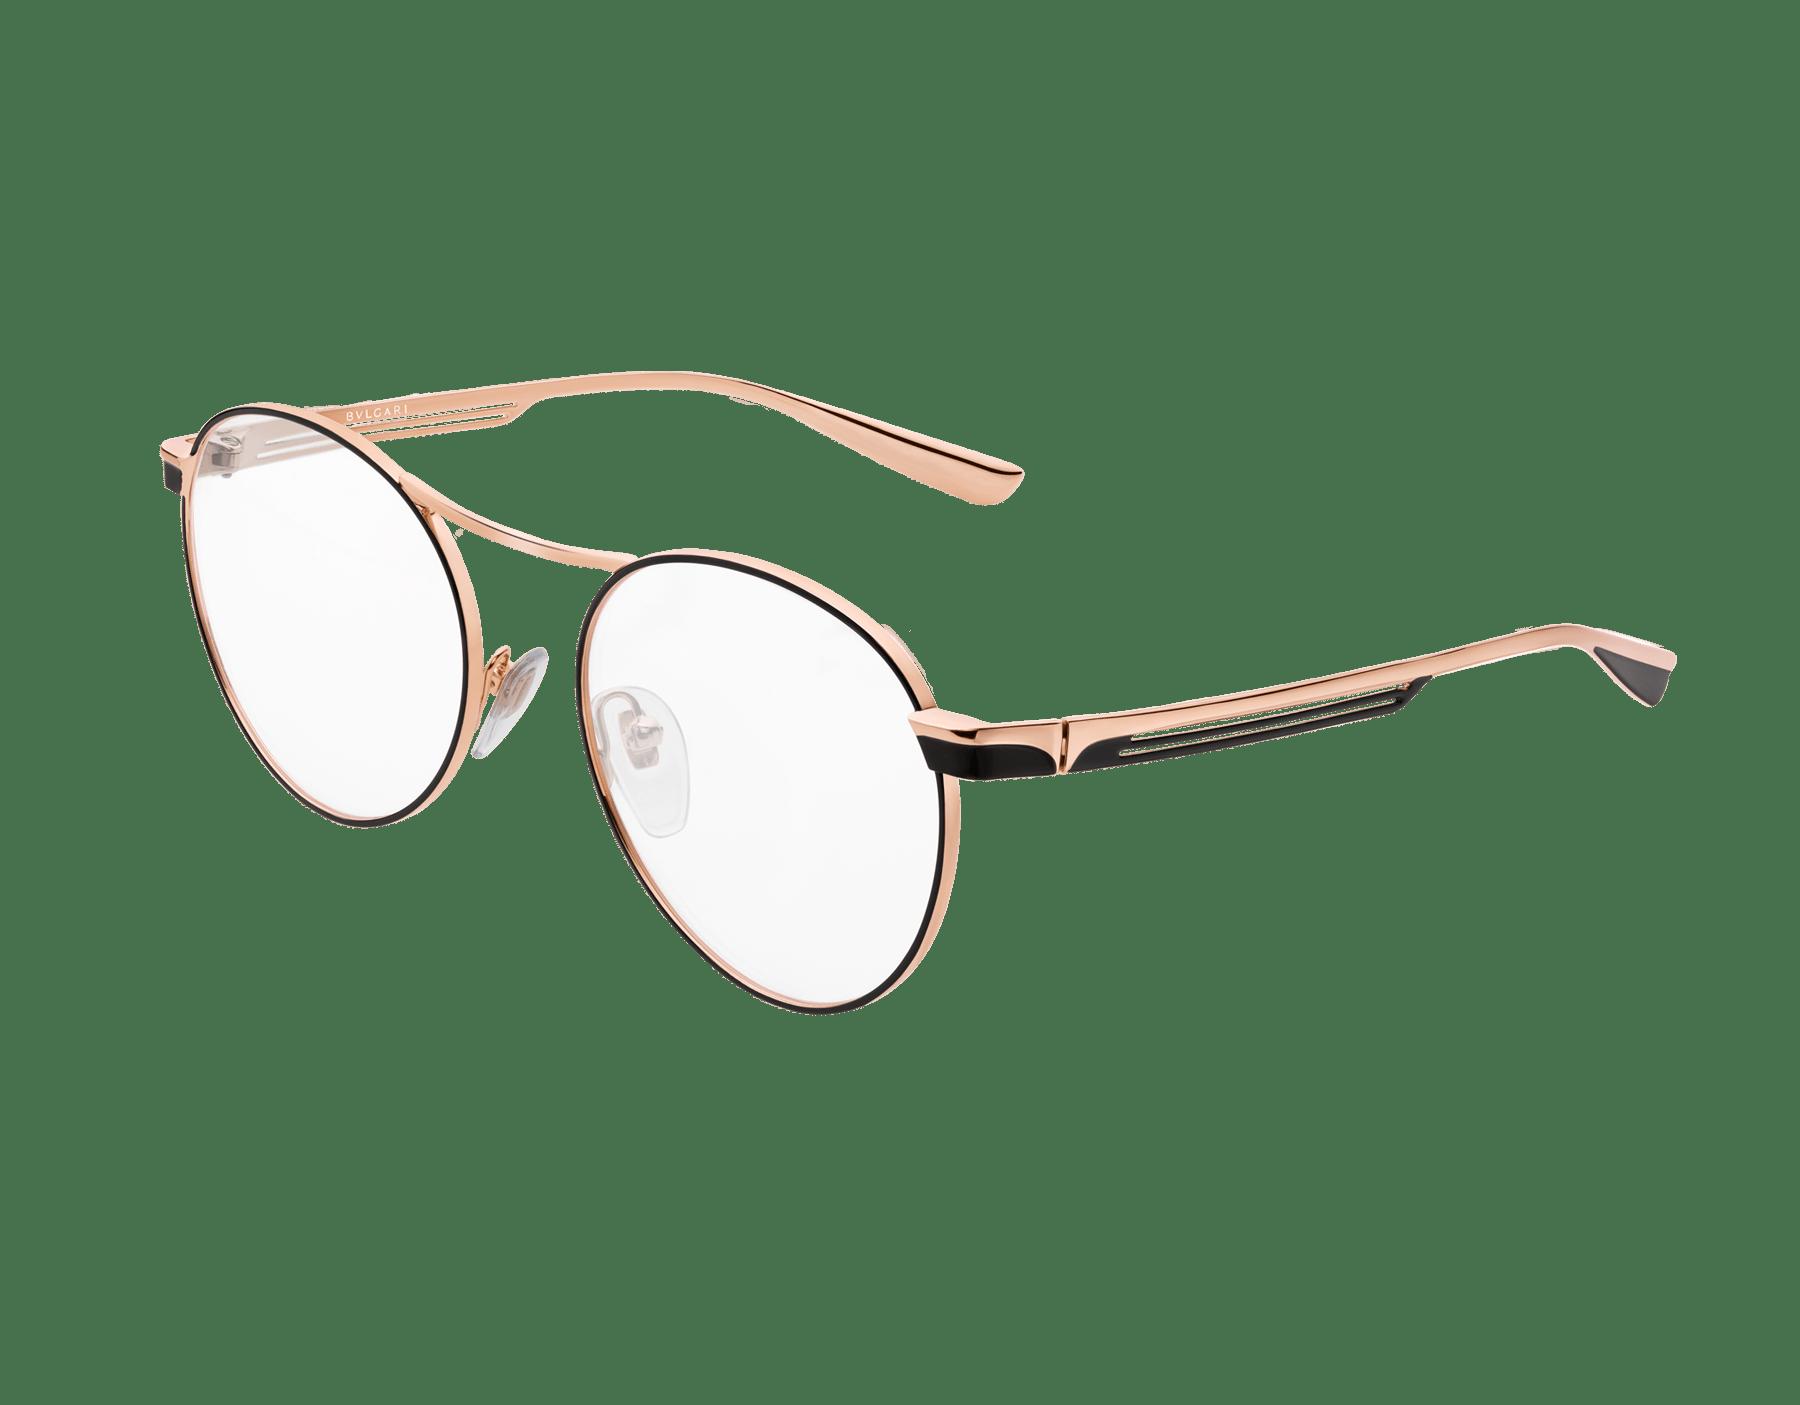 Bulgari B.zero1 B.glassy: occhiali da vista in metallo dalla forma arrotondata. 903758 image 1